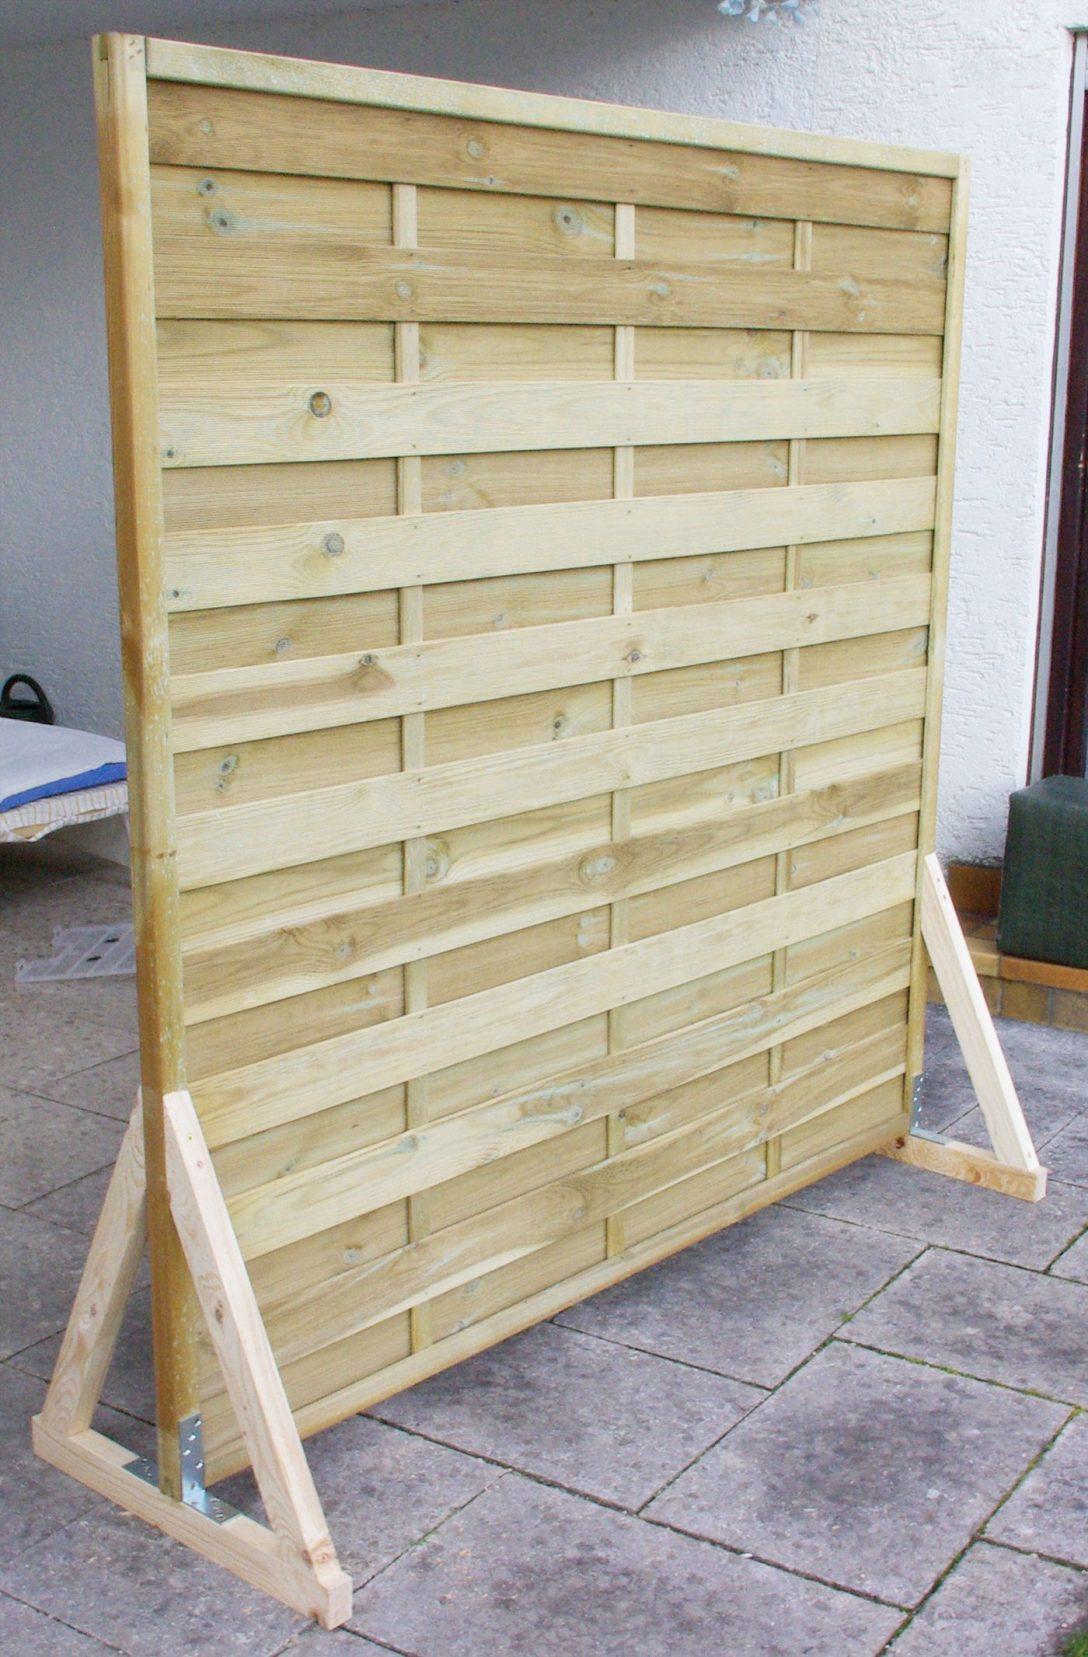 Full Size of Paravent Balkon Bauhaus Garten Wetterfest Ikea Selber Bauen Hornbach Holz Fenster Wohnzimmer Paravent Balkon Bauhaus